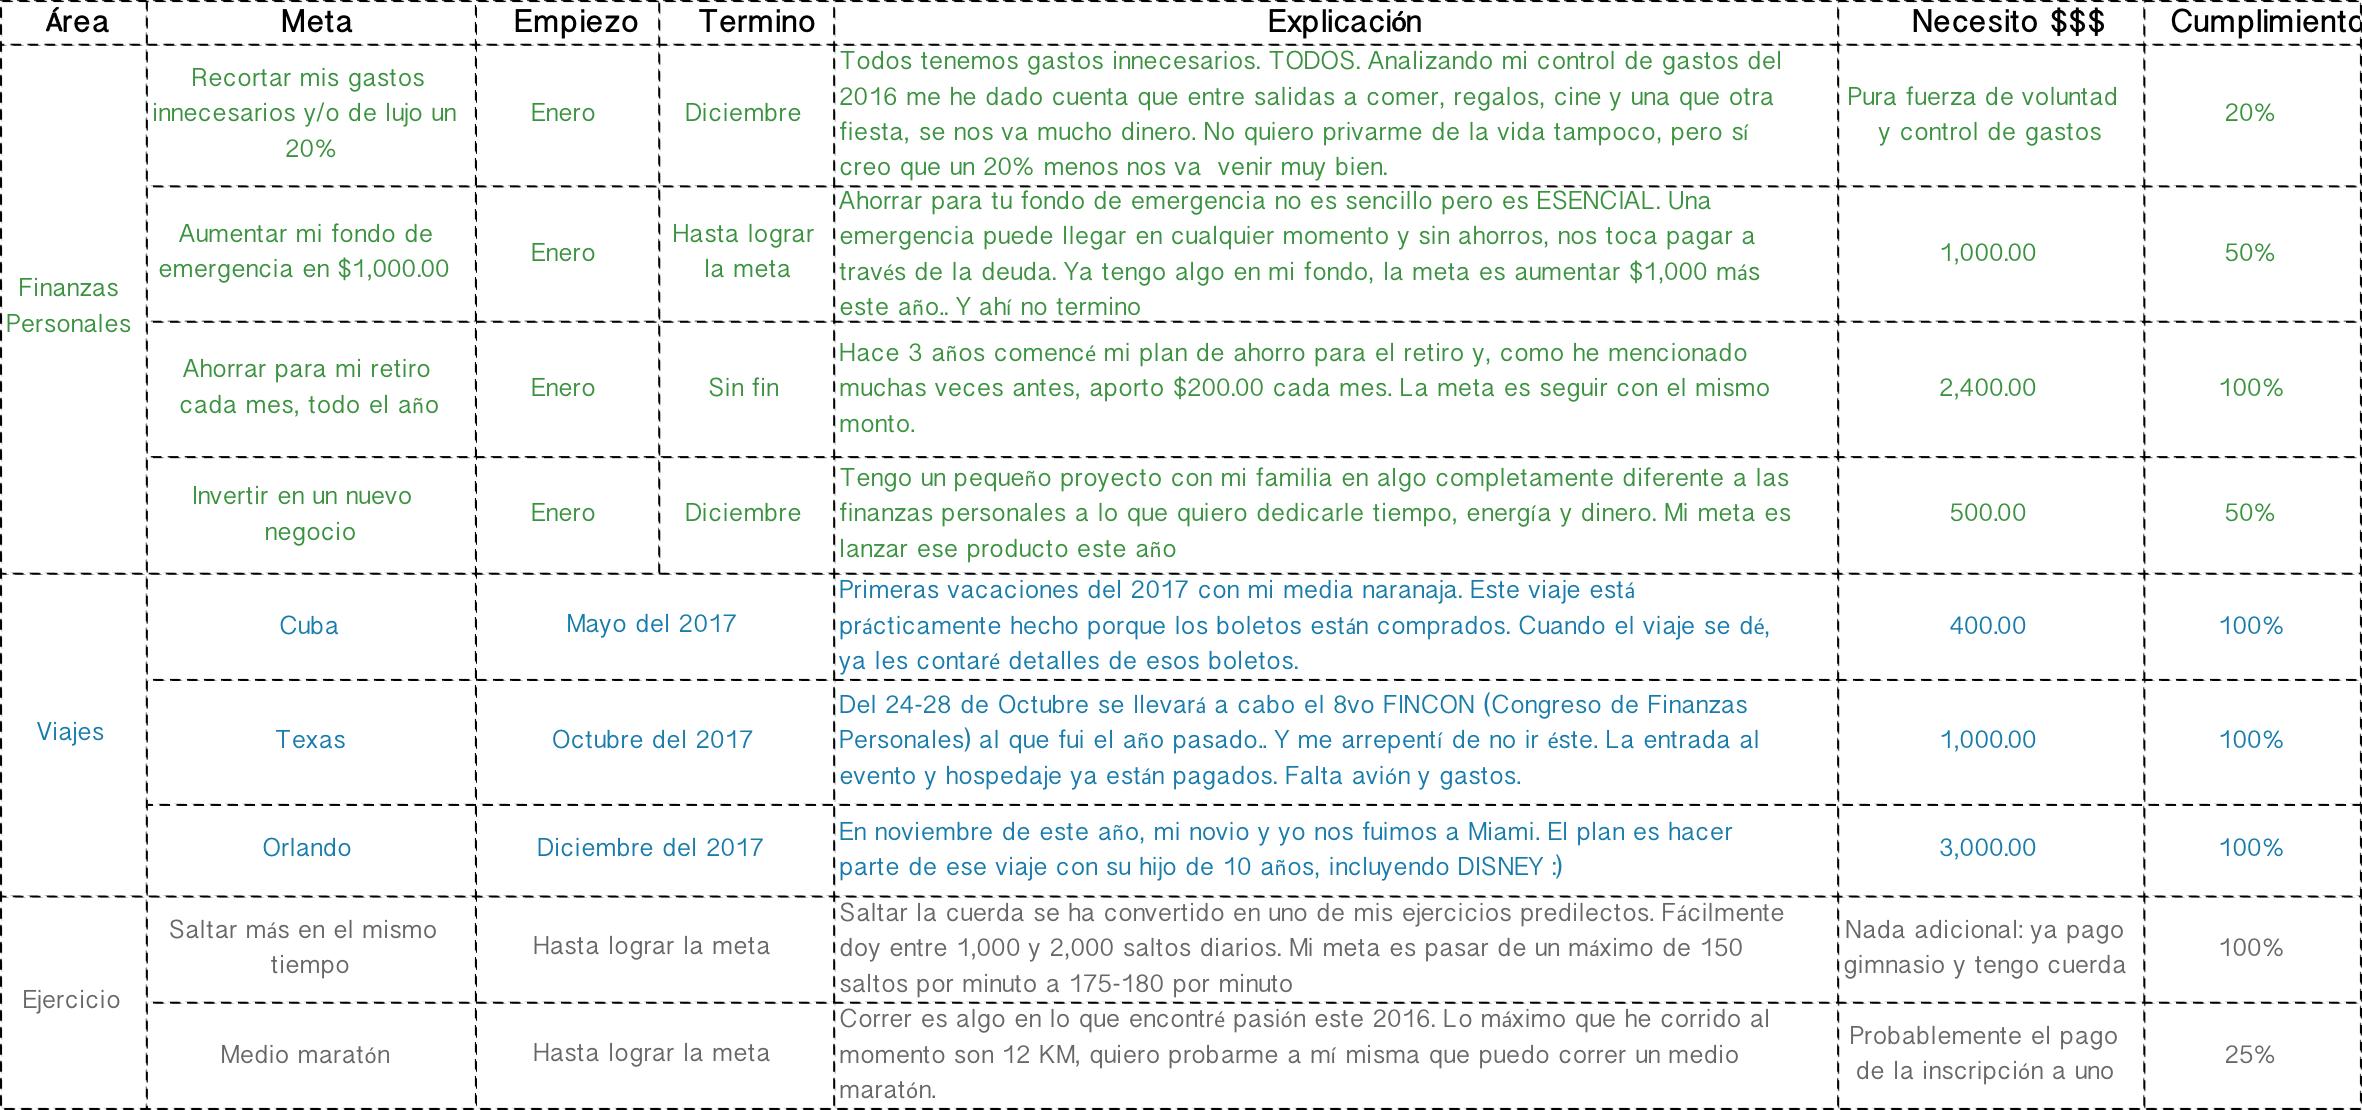 Metas 2017 cumplimiento | Plata con Plática